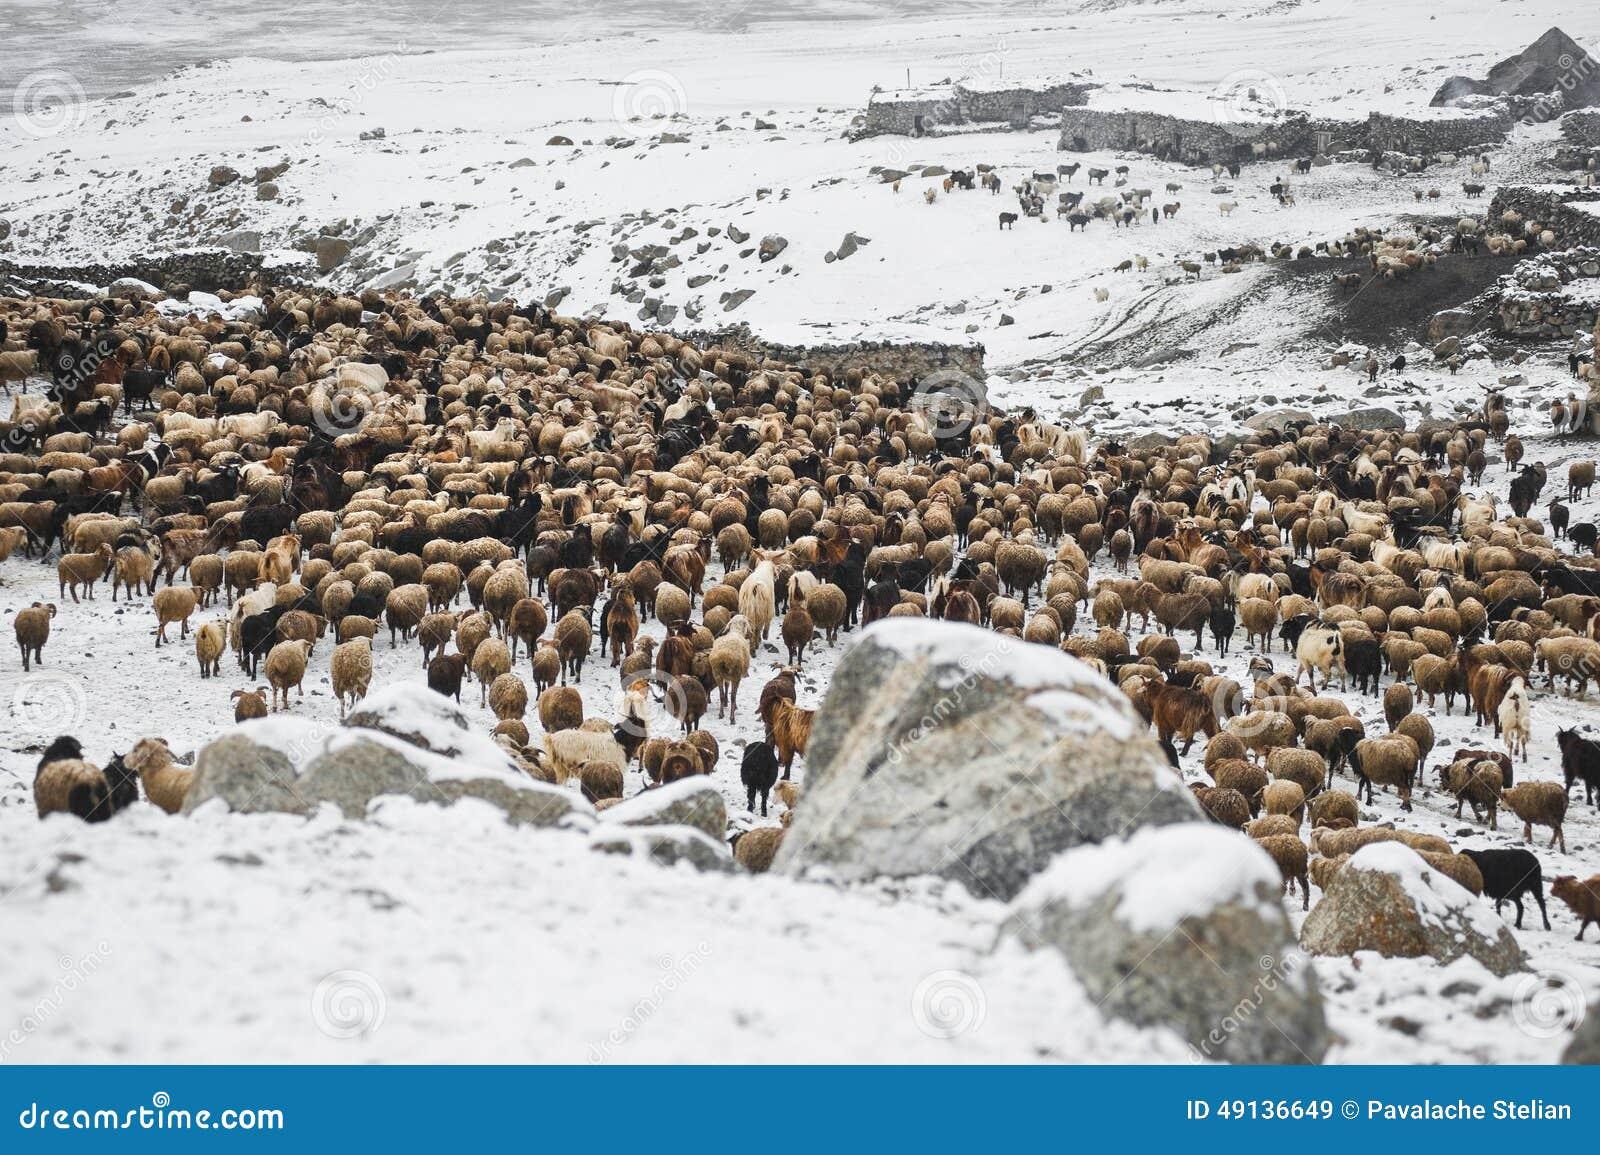 返回从吃草的动物在高喀喇昆仑山脉山区域